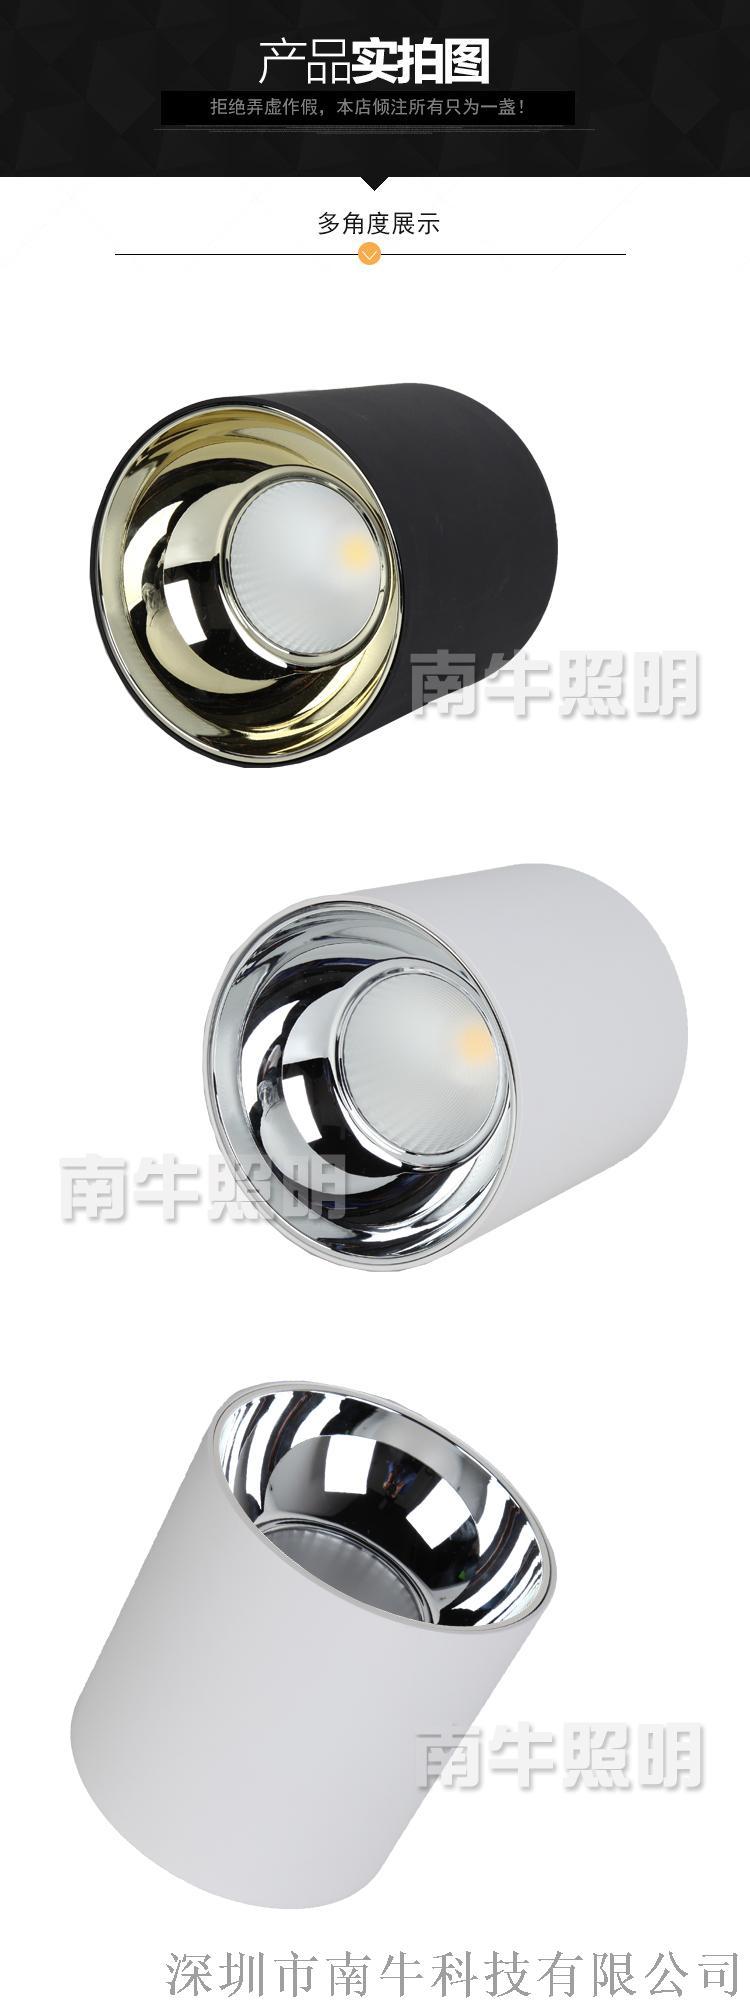 LED明裝筒燈.jpg